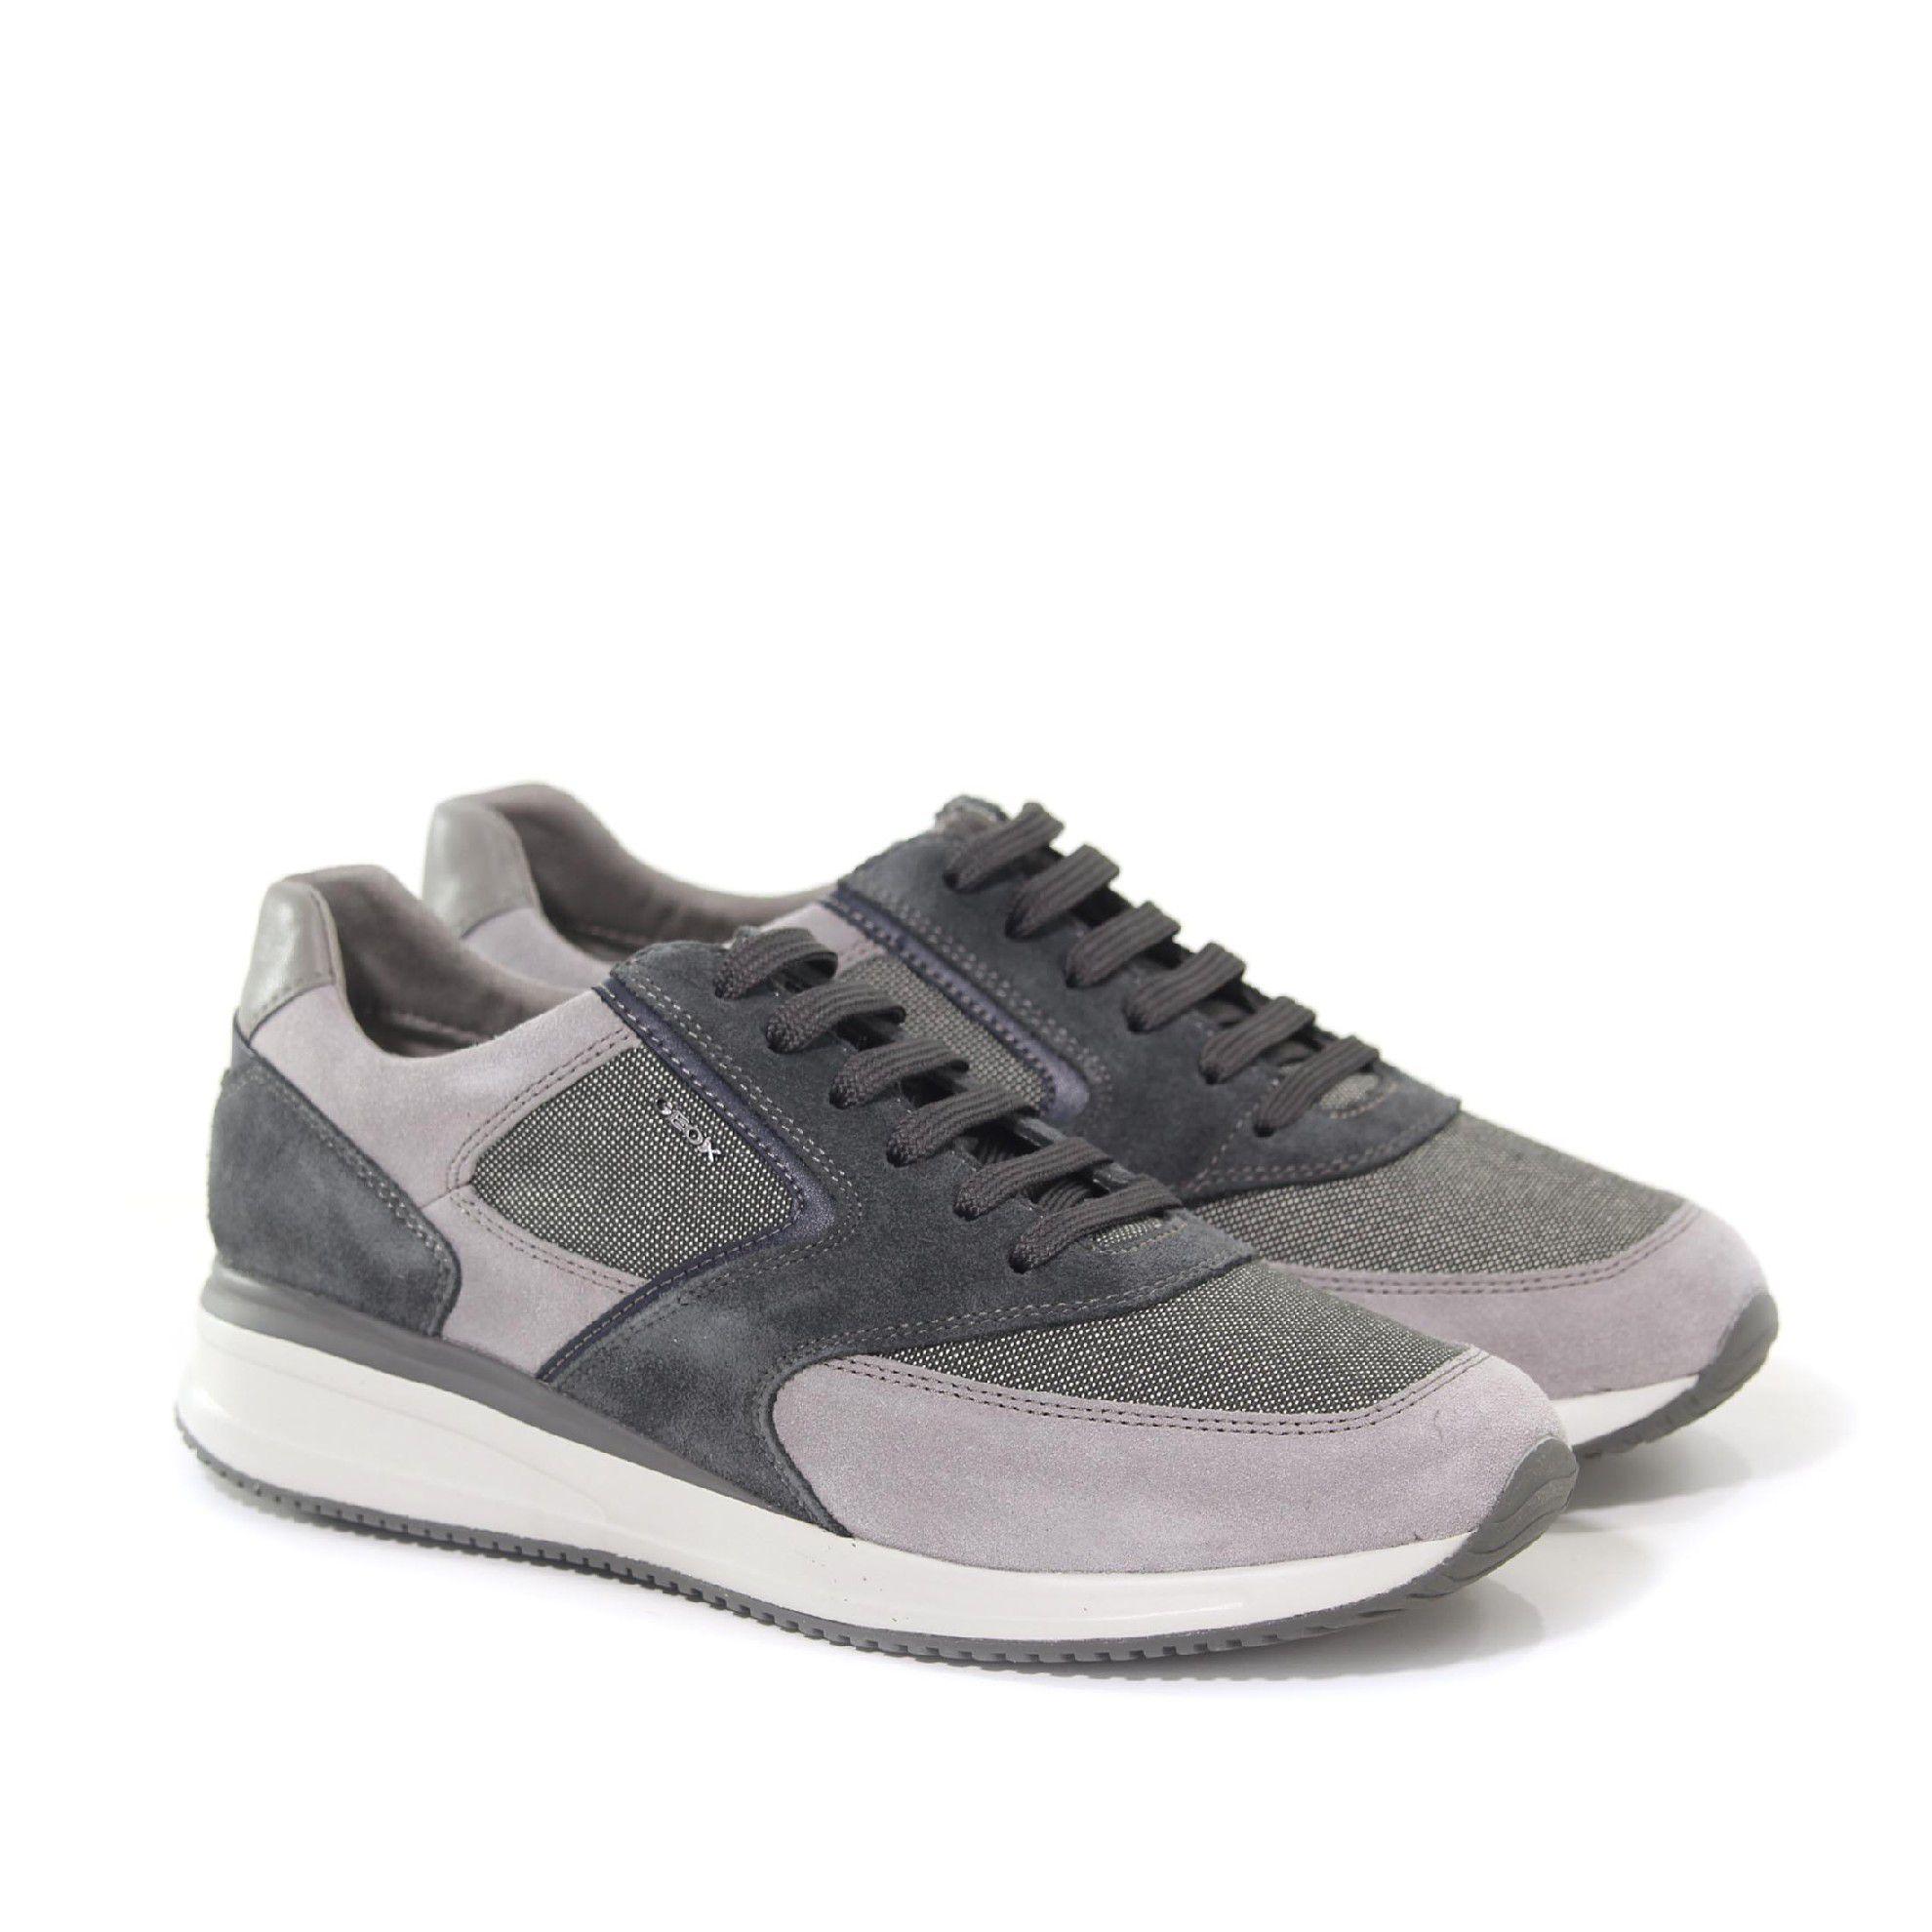 Geox sneaker dennie a in suede e tessuto tecnico da uomo